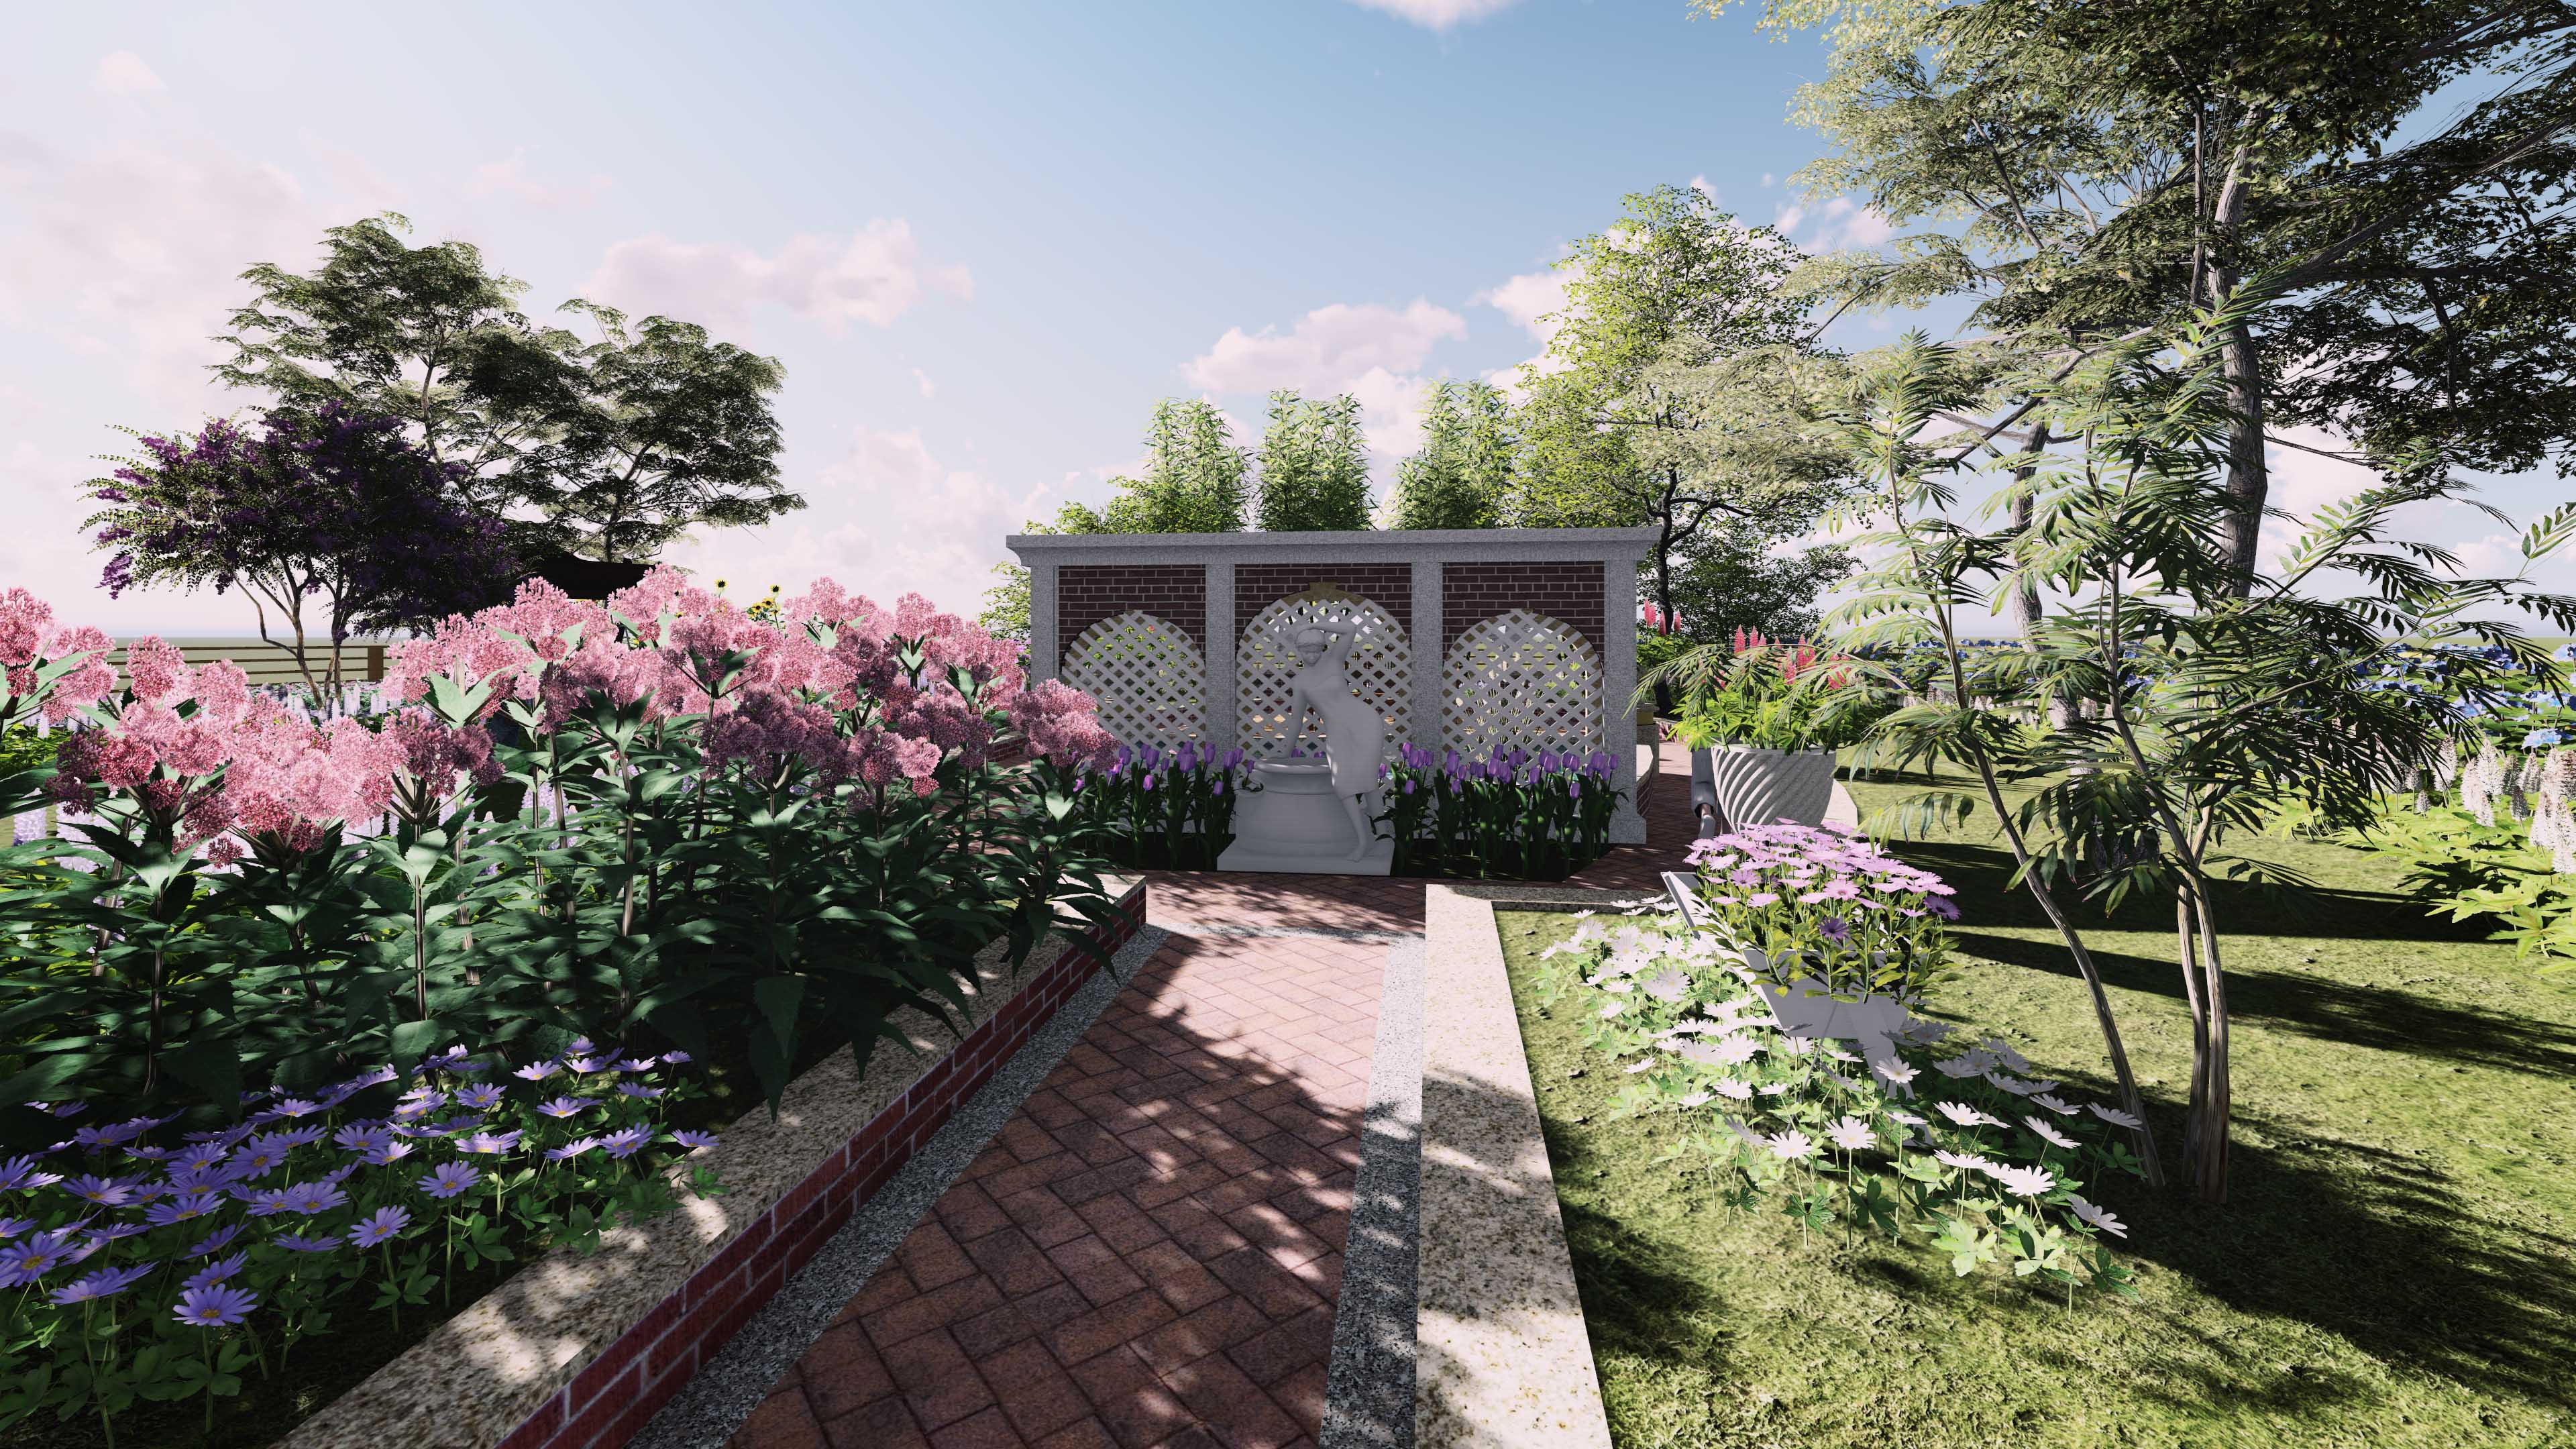 朱先生屋顶花园景观设计,别墅私家花园设计,屋顶花园设计,阳台花园